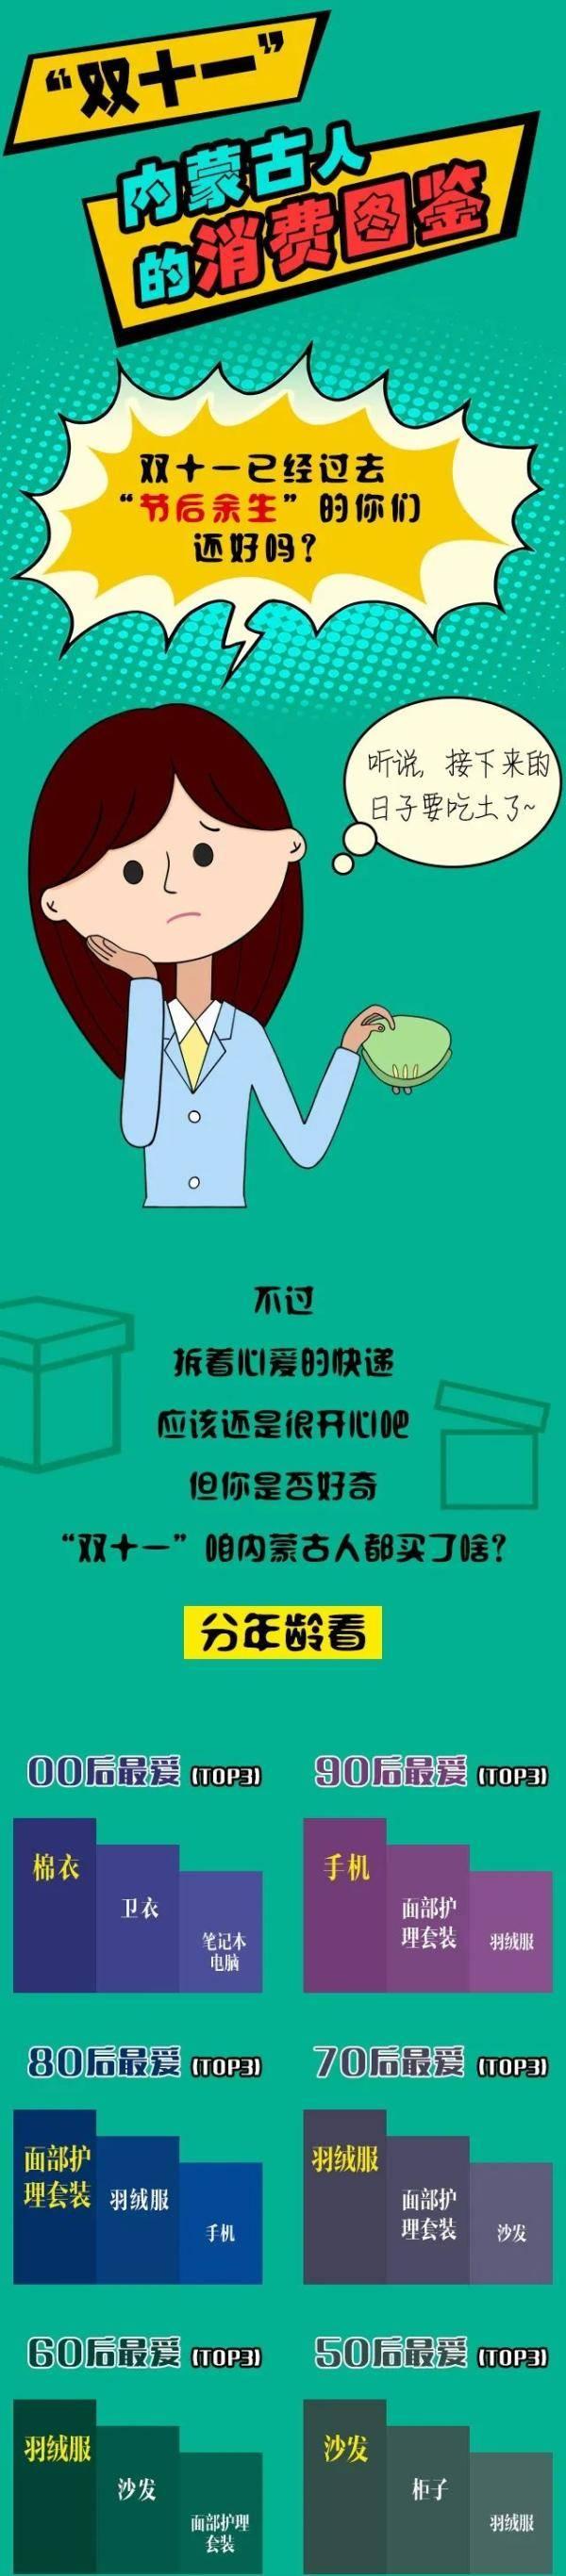 """""""双十一""""内蒙古人的消费图鉴"""